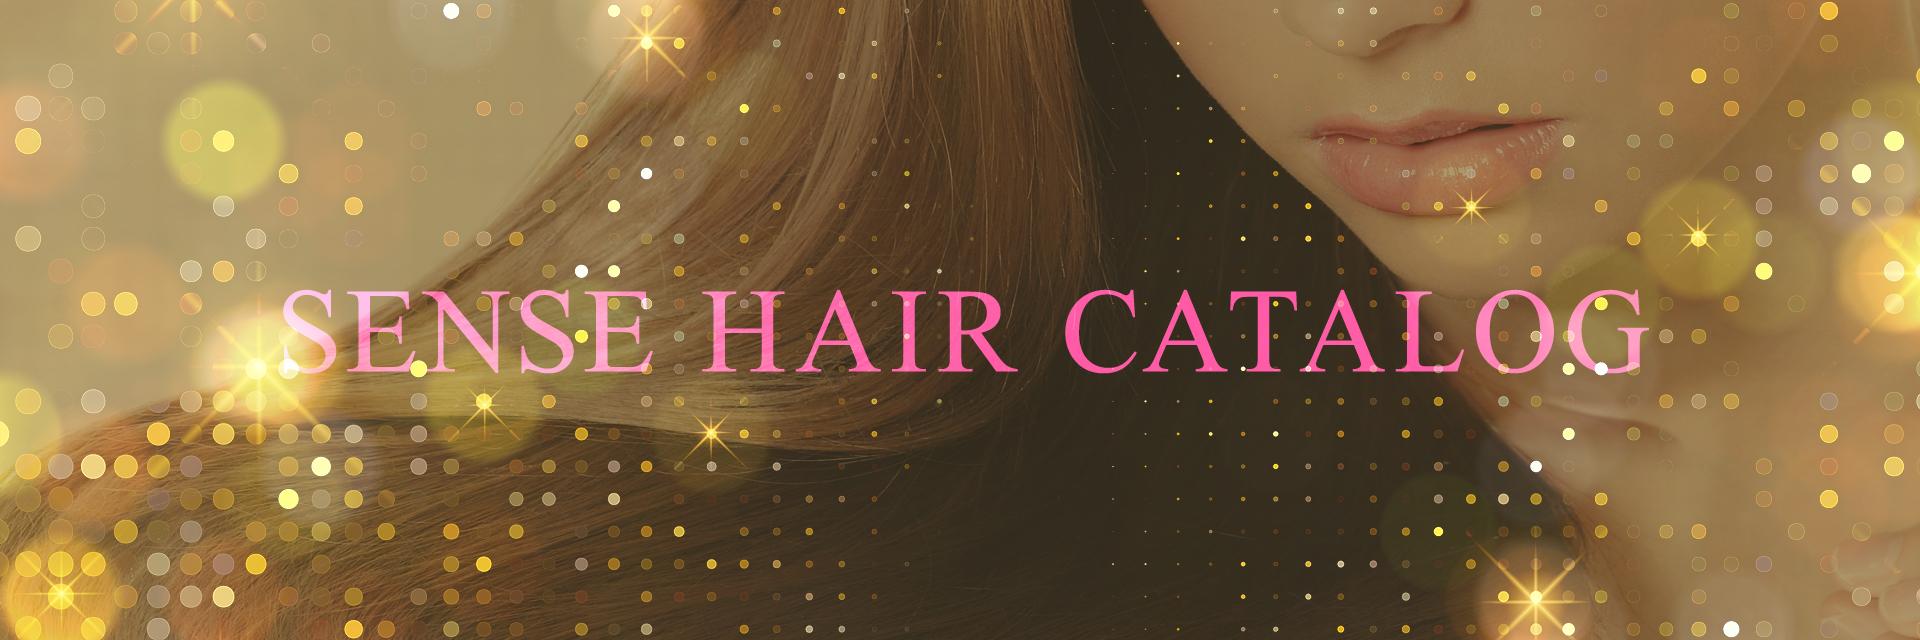 SENSE HAIR CATALOG